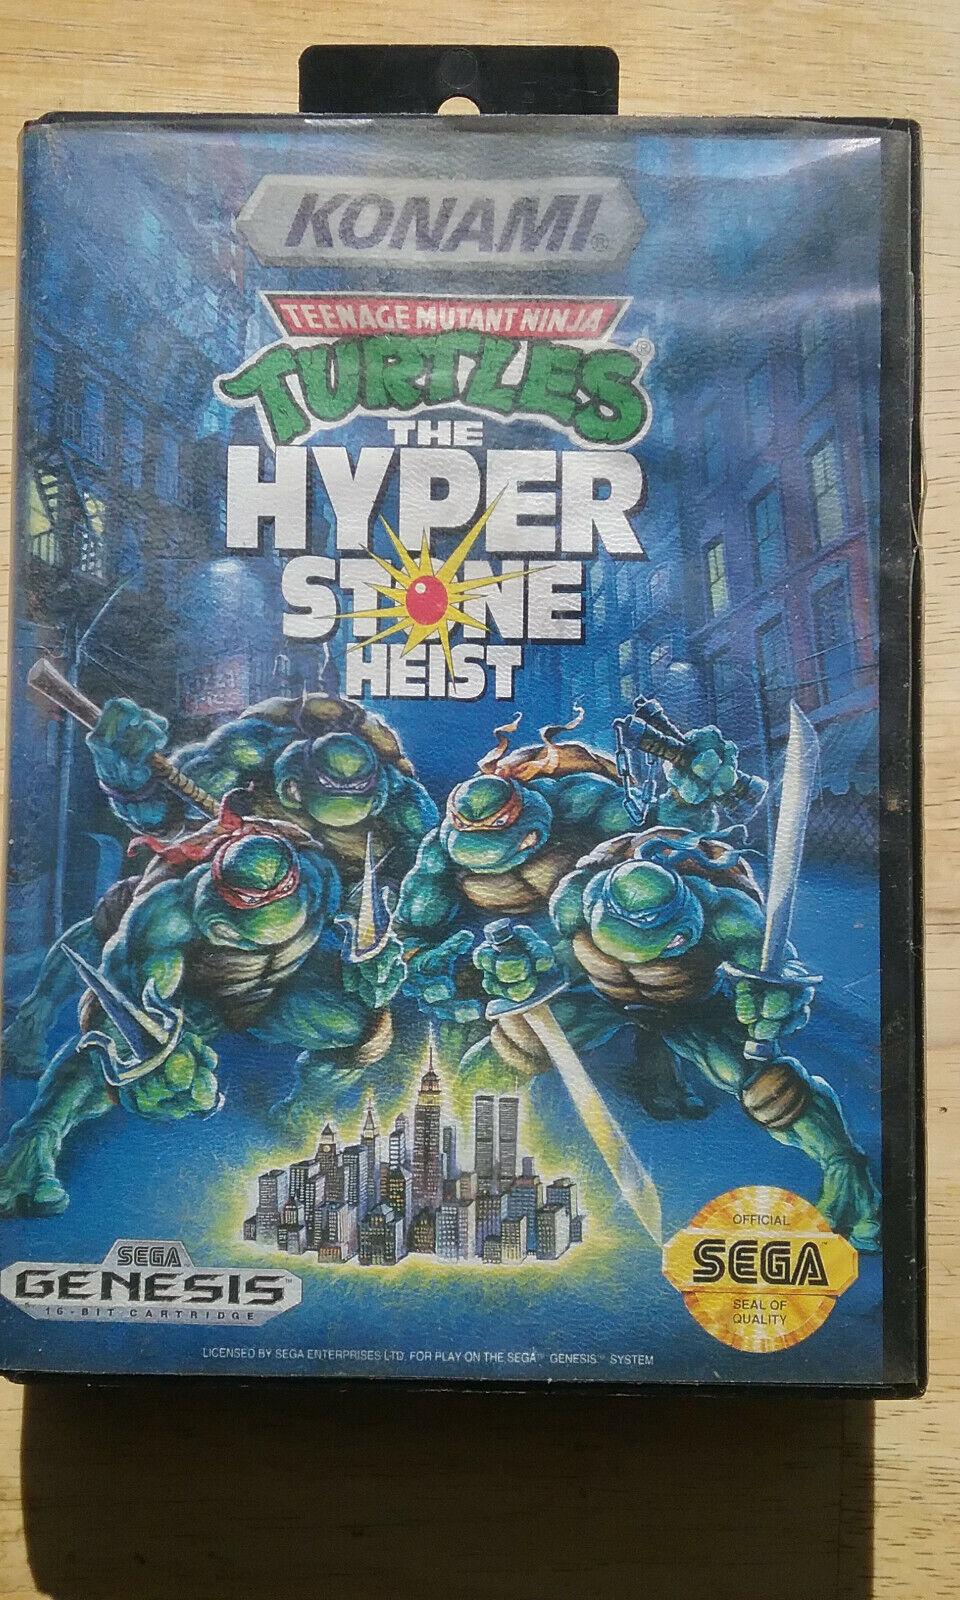 Teenage Mutant Ninja Turtles The Hyperstone Heist Genesis 1992 For Sale Online Ebay